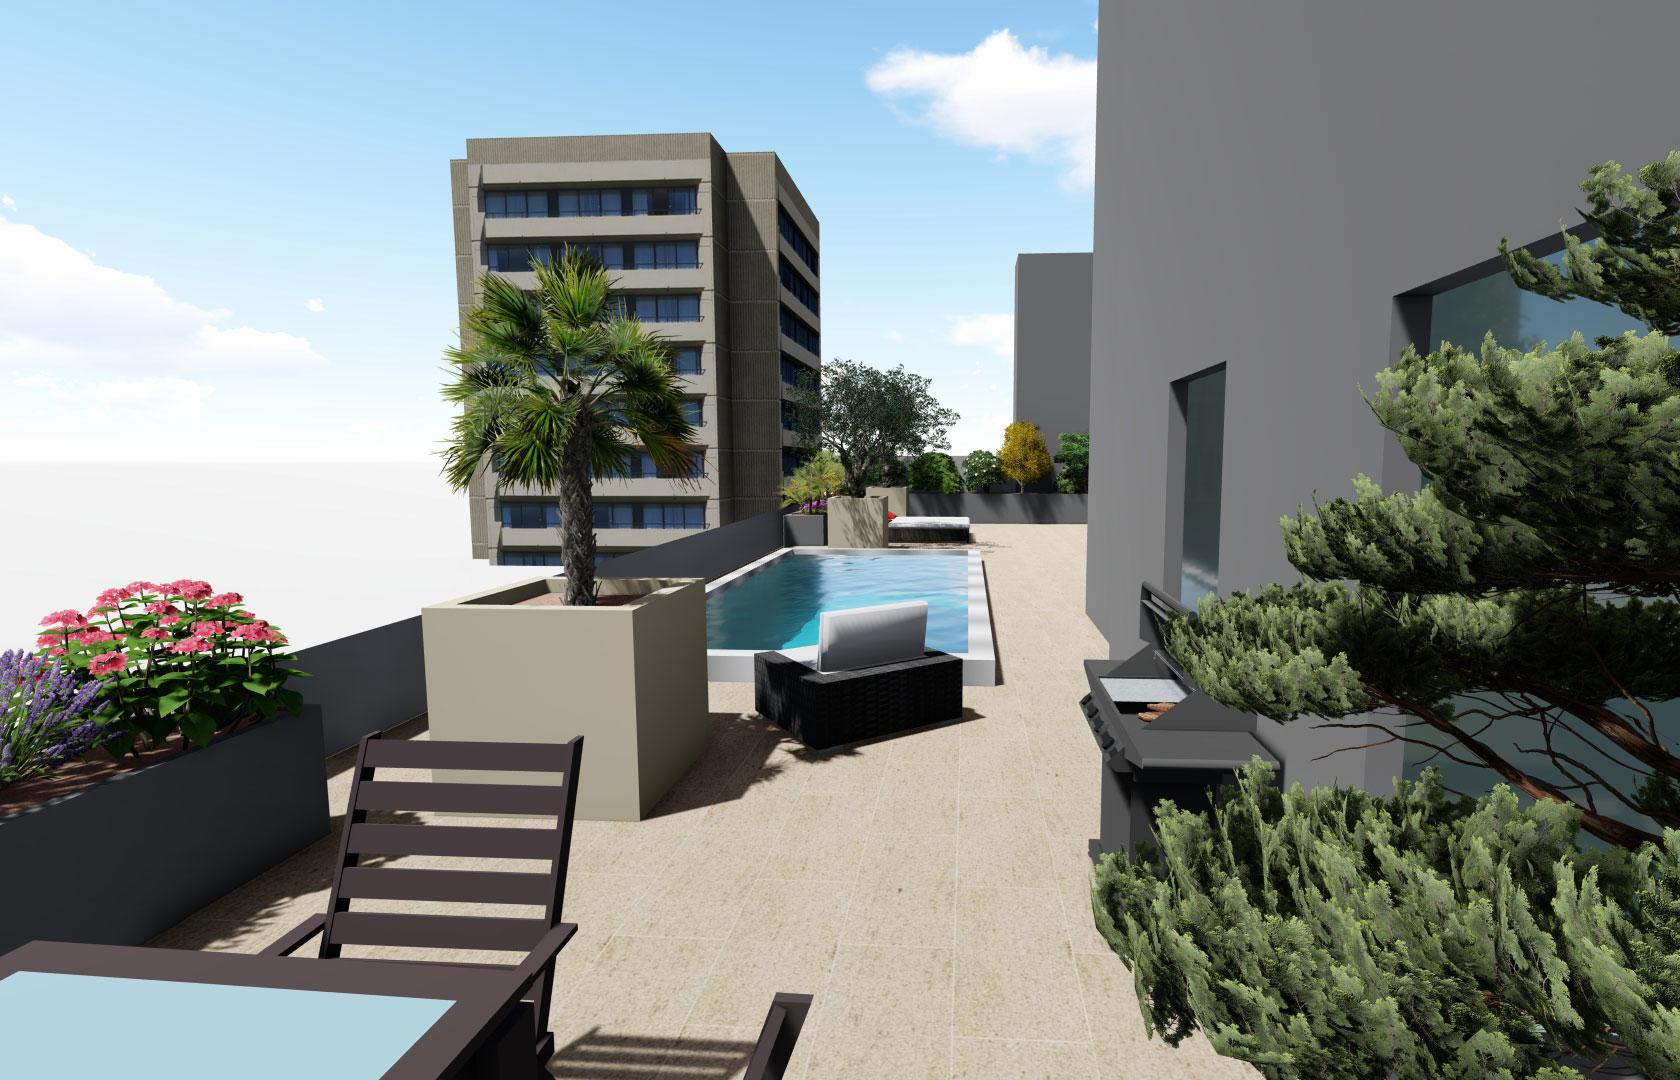 Entreprise du paysage, Serrault Jardins réalise des terrasses sur-mesure.